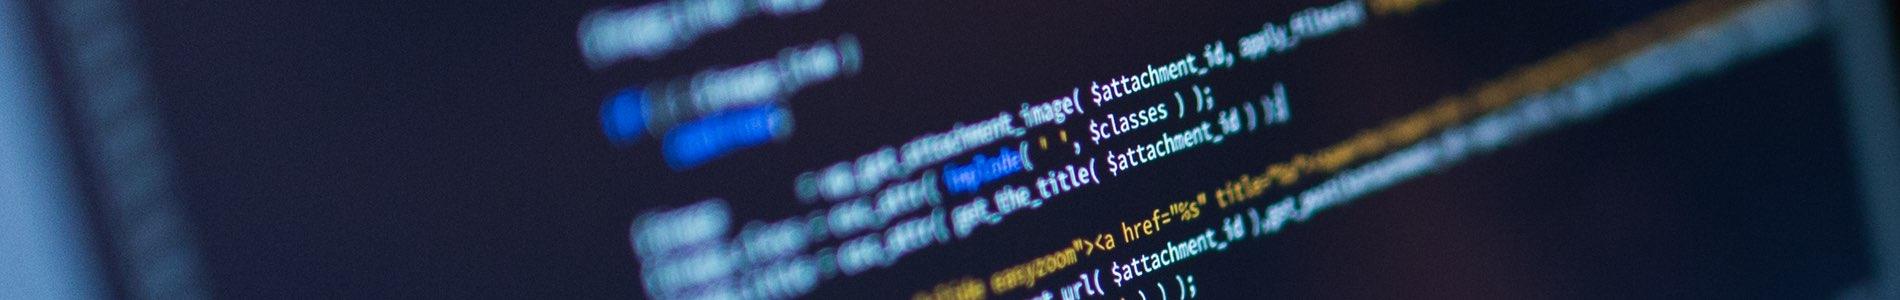 Versionskontrolle mit Git und Visual Studio 2015